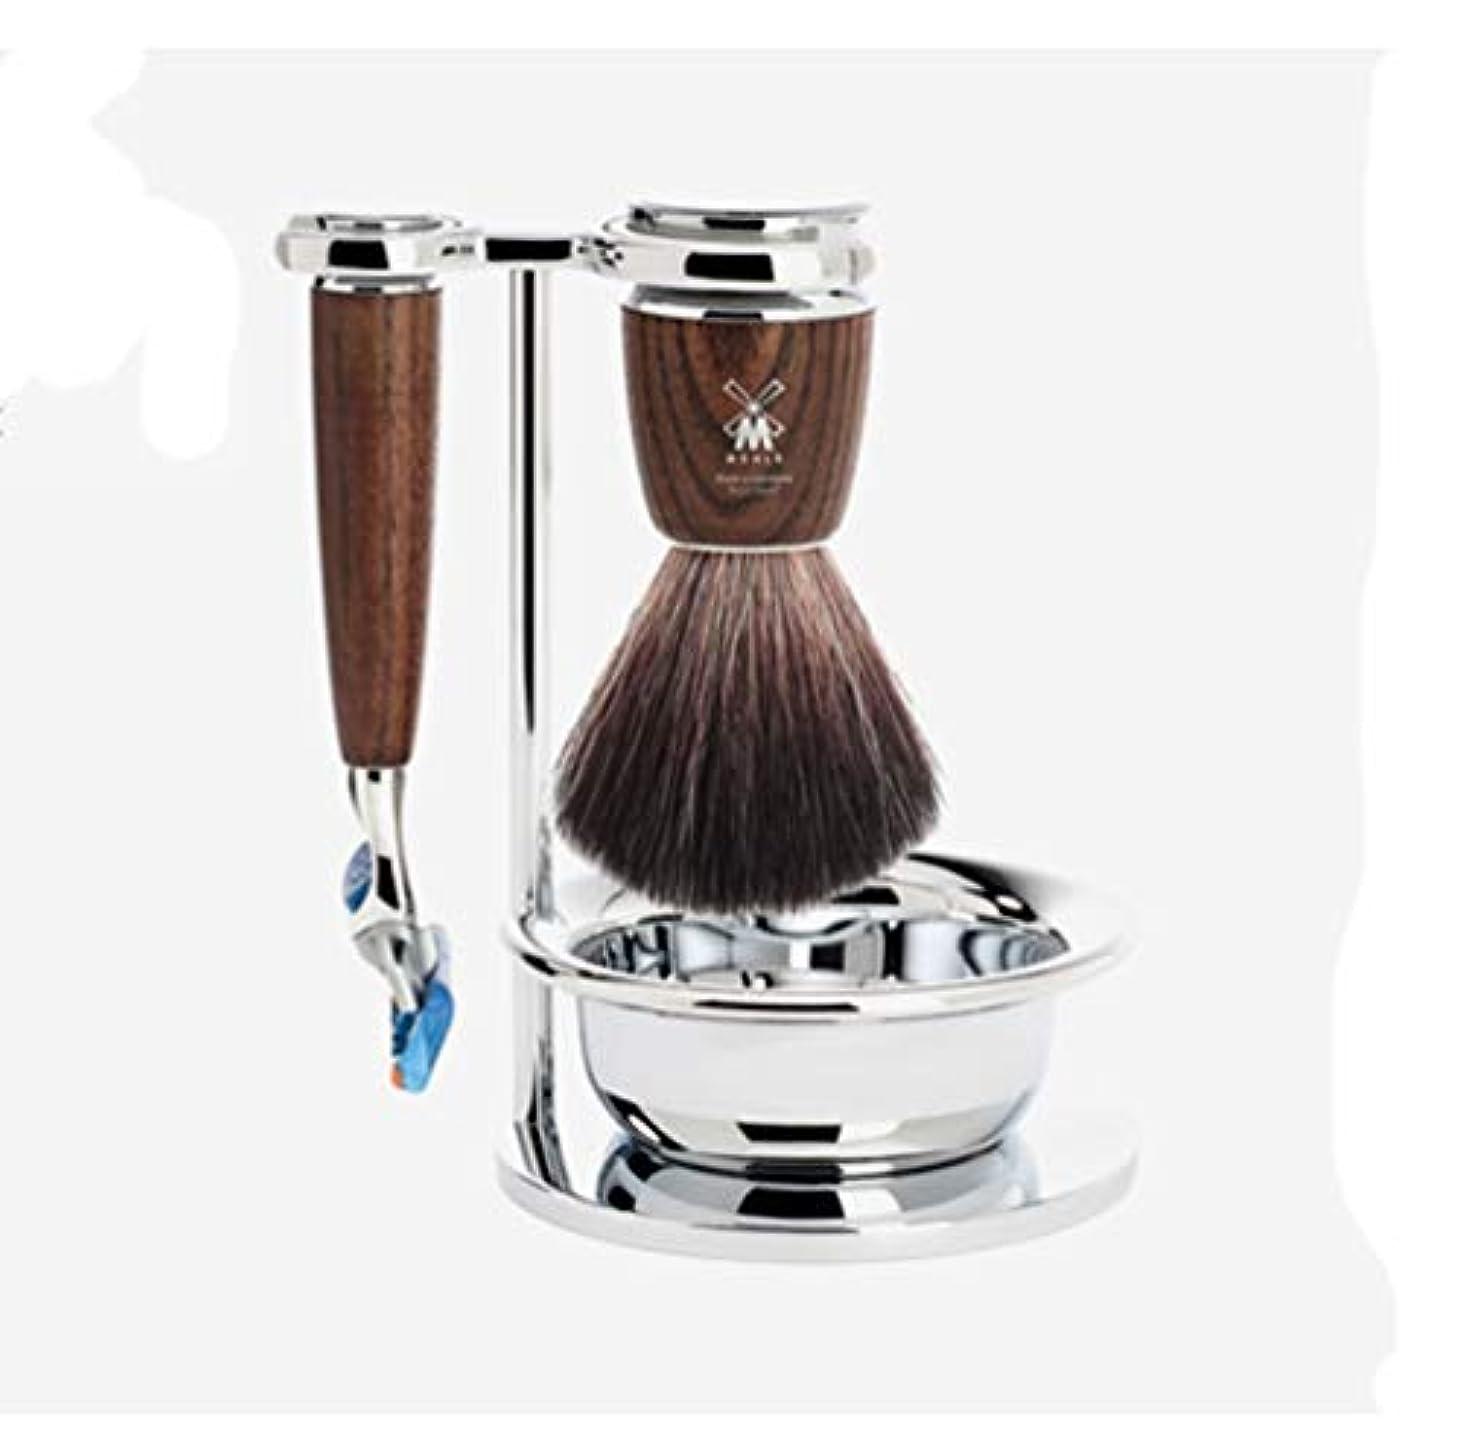 触覚道路を作るプロセス通行料金Muller Rytmo Shaving Set ミューレ シェービングセットFusion Gilletteの互換性 (かみそり+剃るスタンド+剃毛ボール+シェービングブラシ)(並行輸入品)